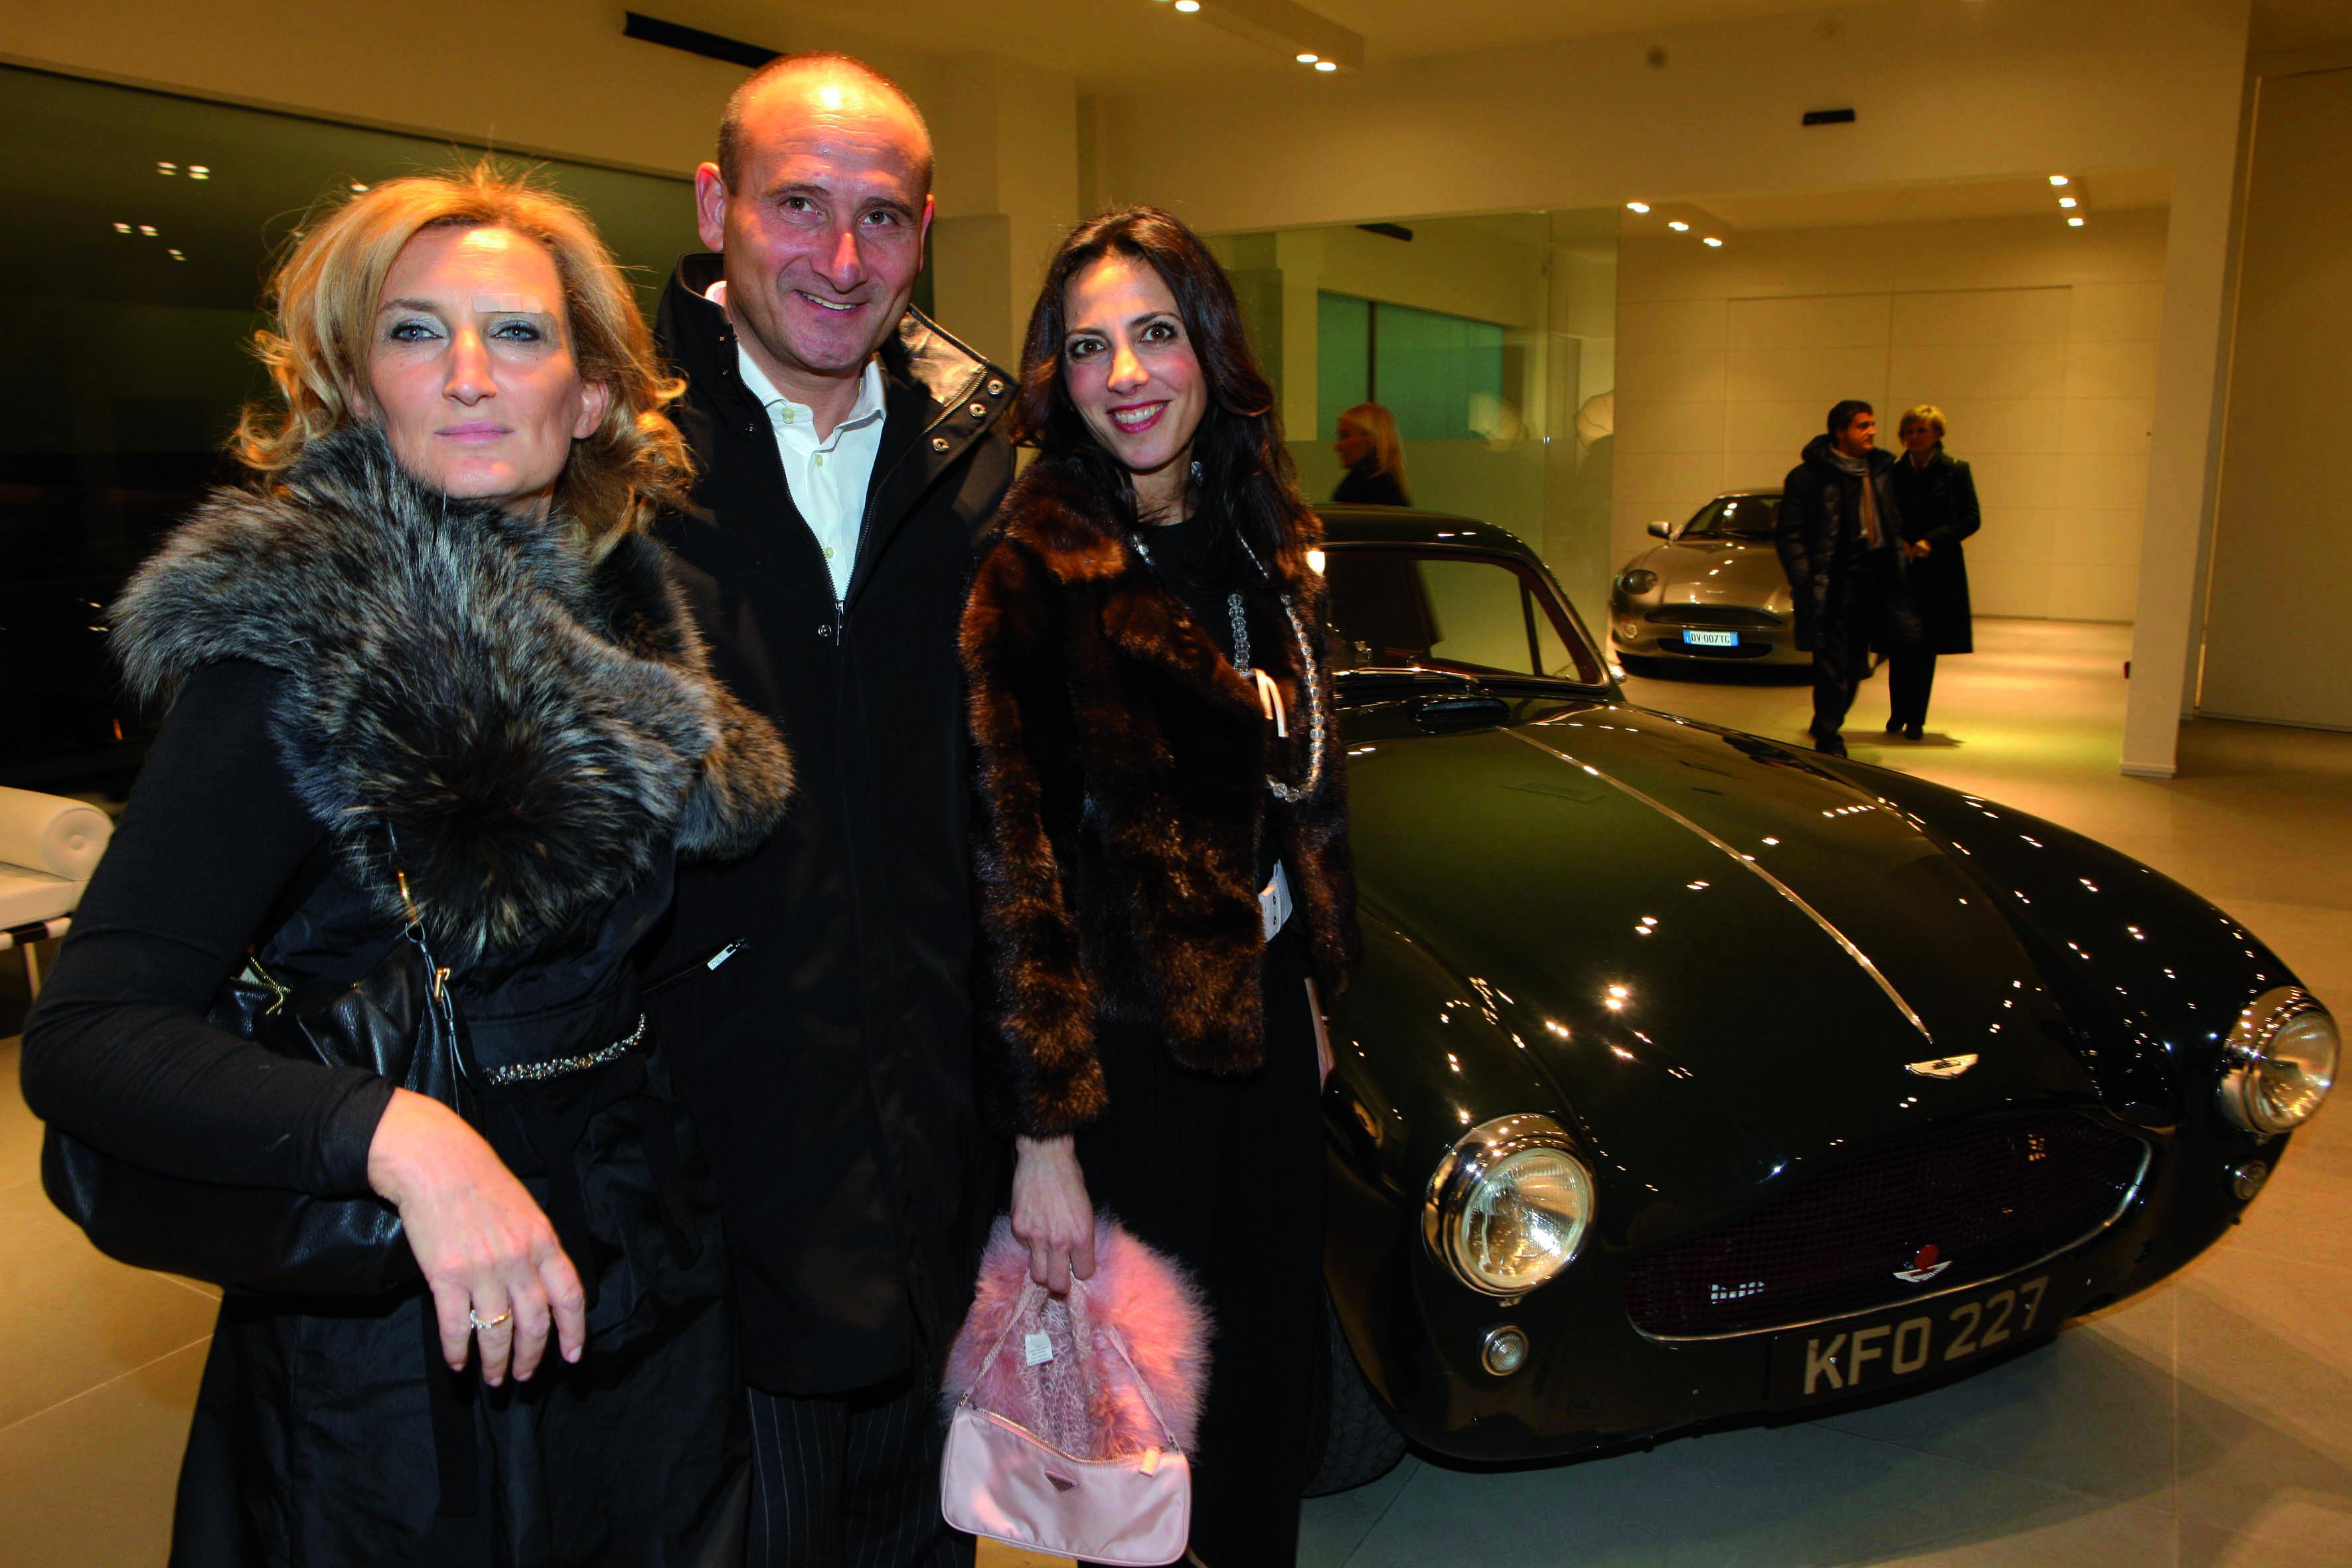 Pressphoto, Firenze Magazine Campi Bisenzio, inaugurazione nuova sede Aston Martin nella foto :Serena Pieri, Stefano Moscardi,Annarita Santoro